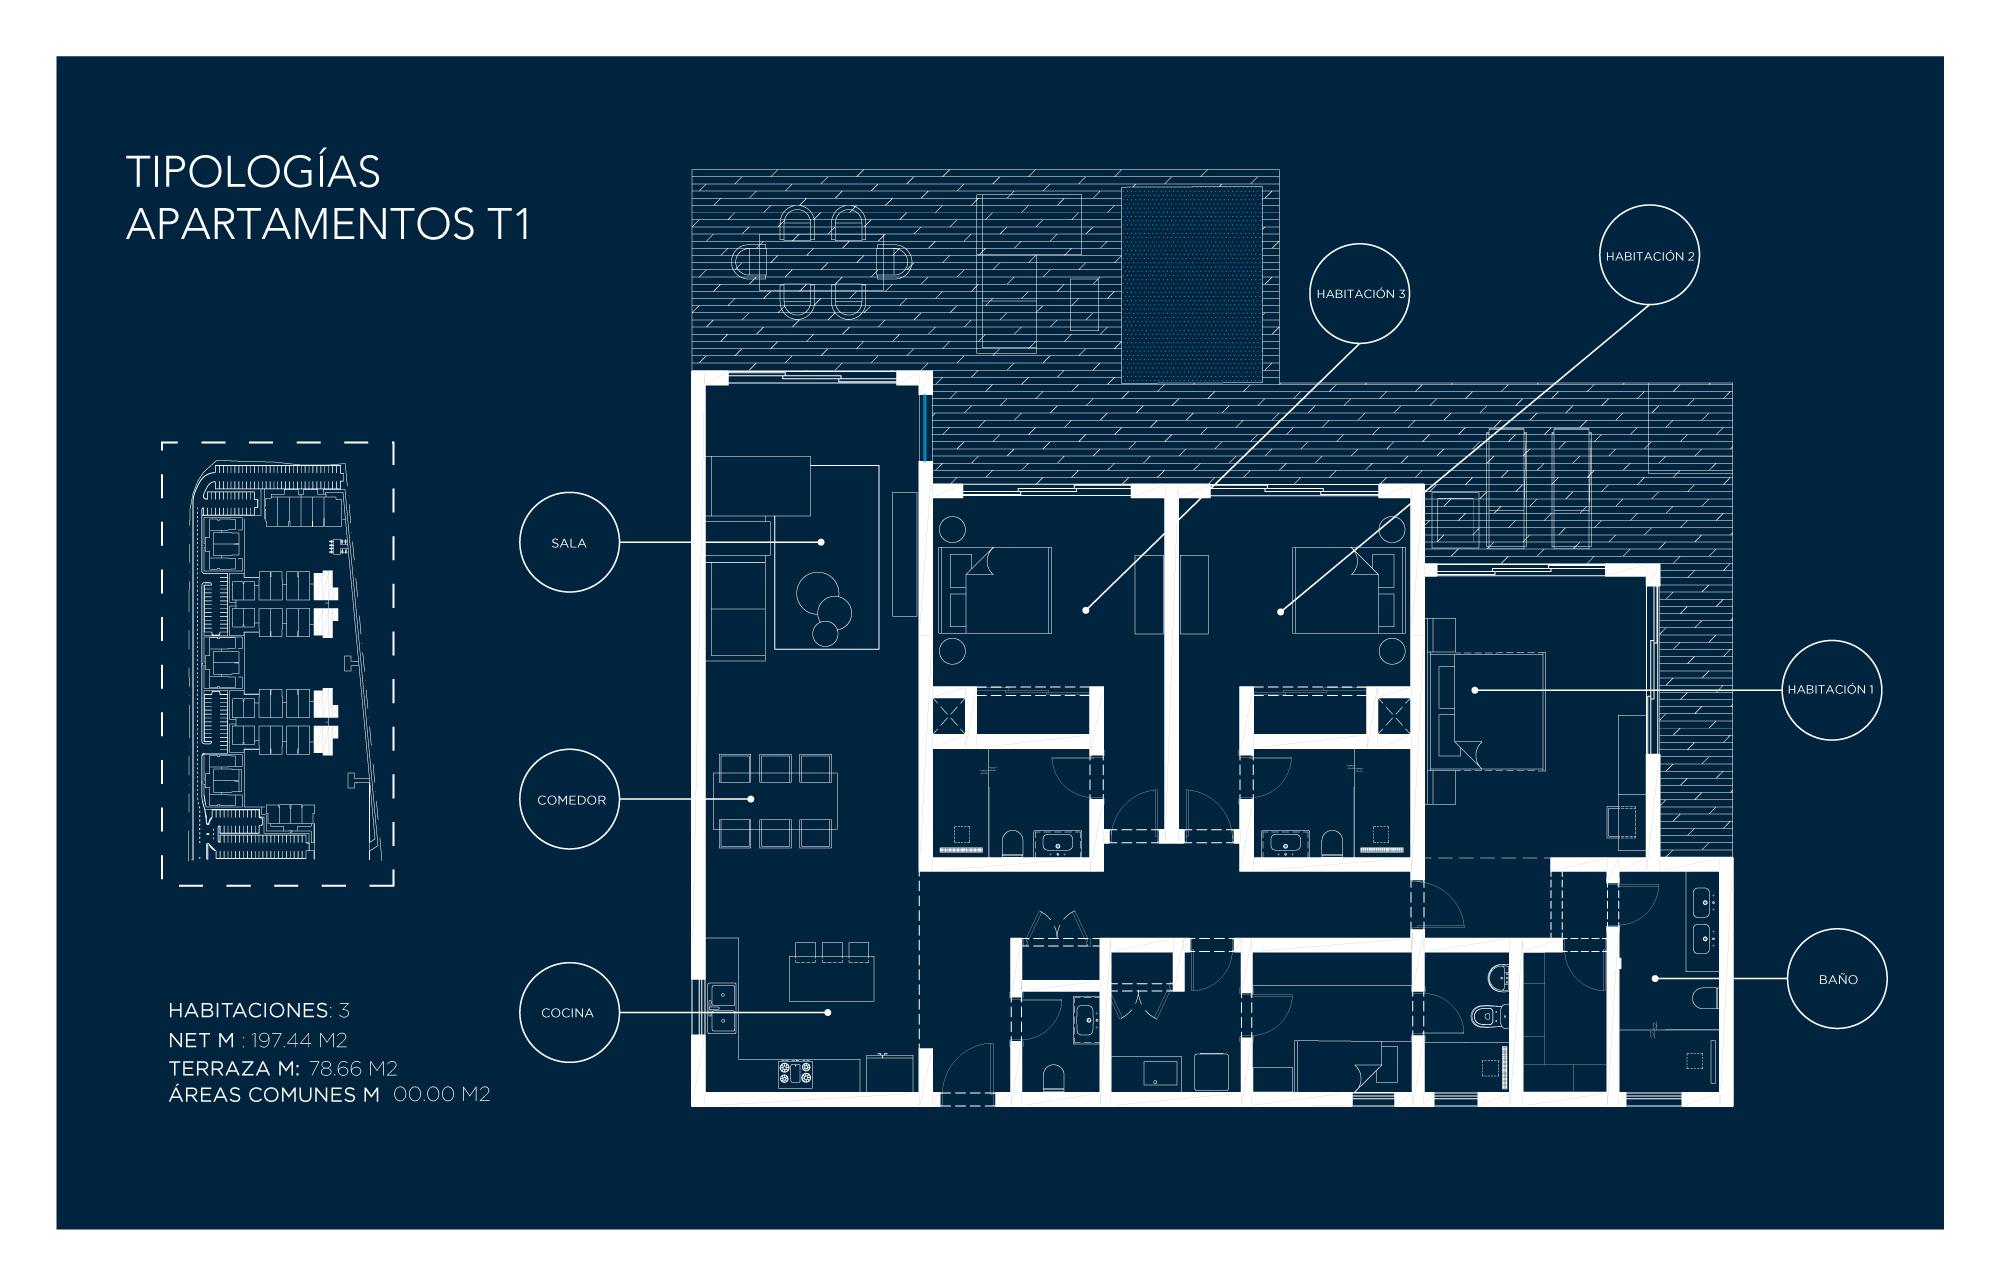 Tipología Apartamento T1 – 3 habitaciones